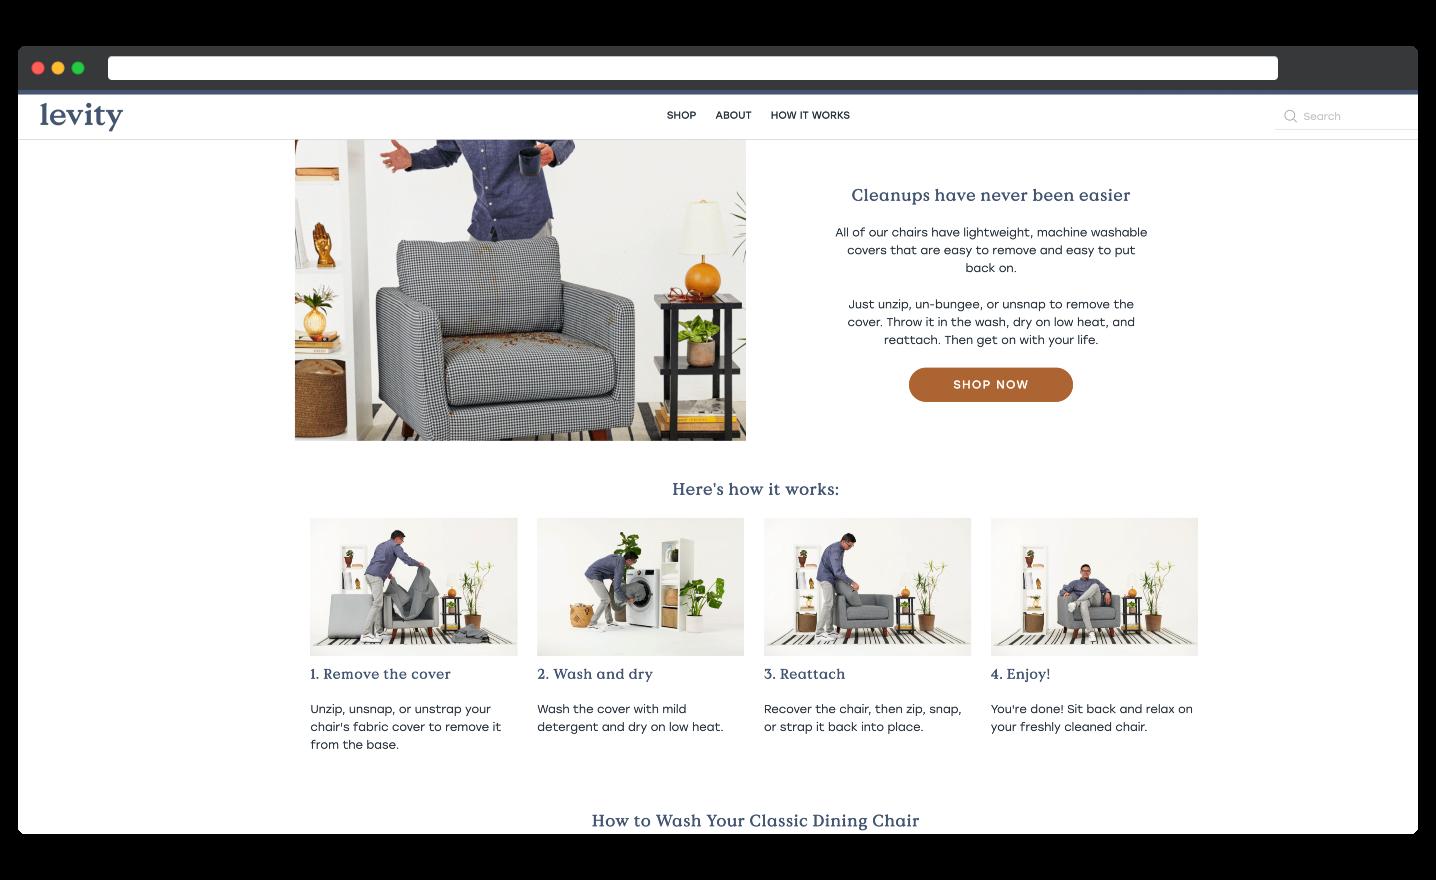 LevityHomes.com StoryBrand Example